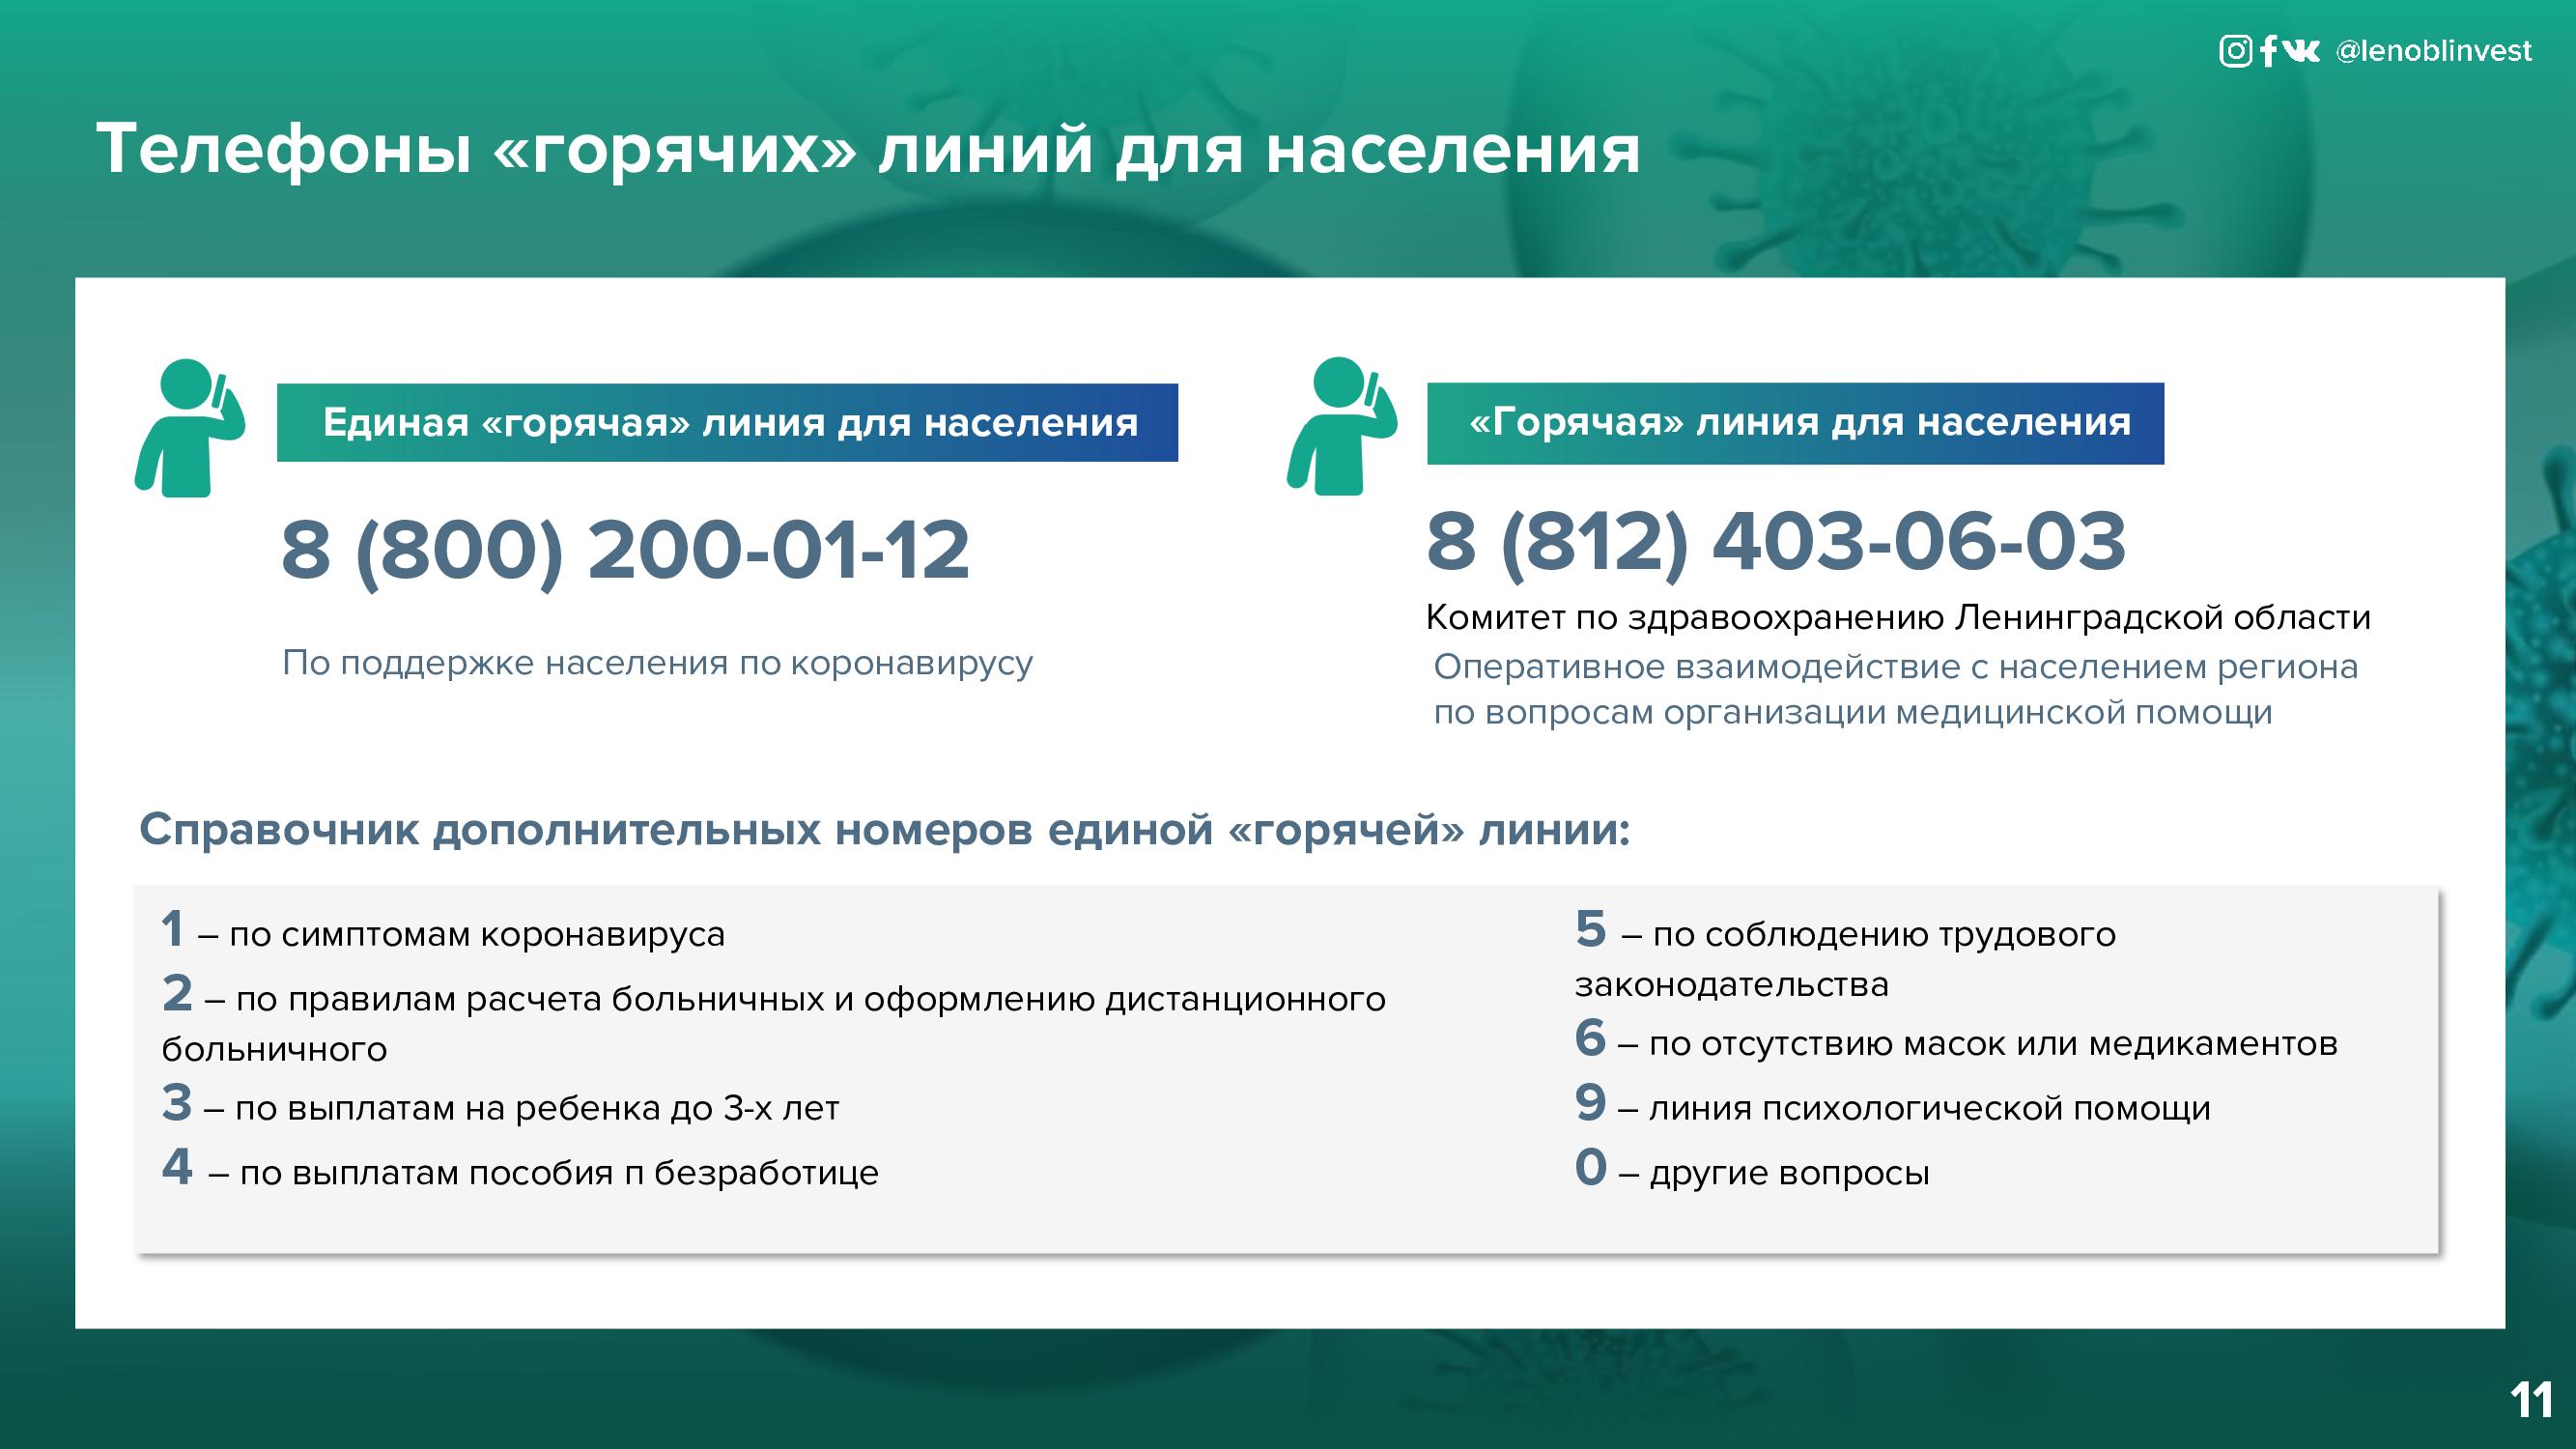 Региональные и федеральные меры поддержки_page-0011.jpg